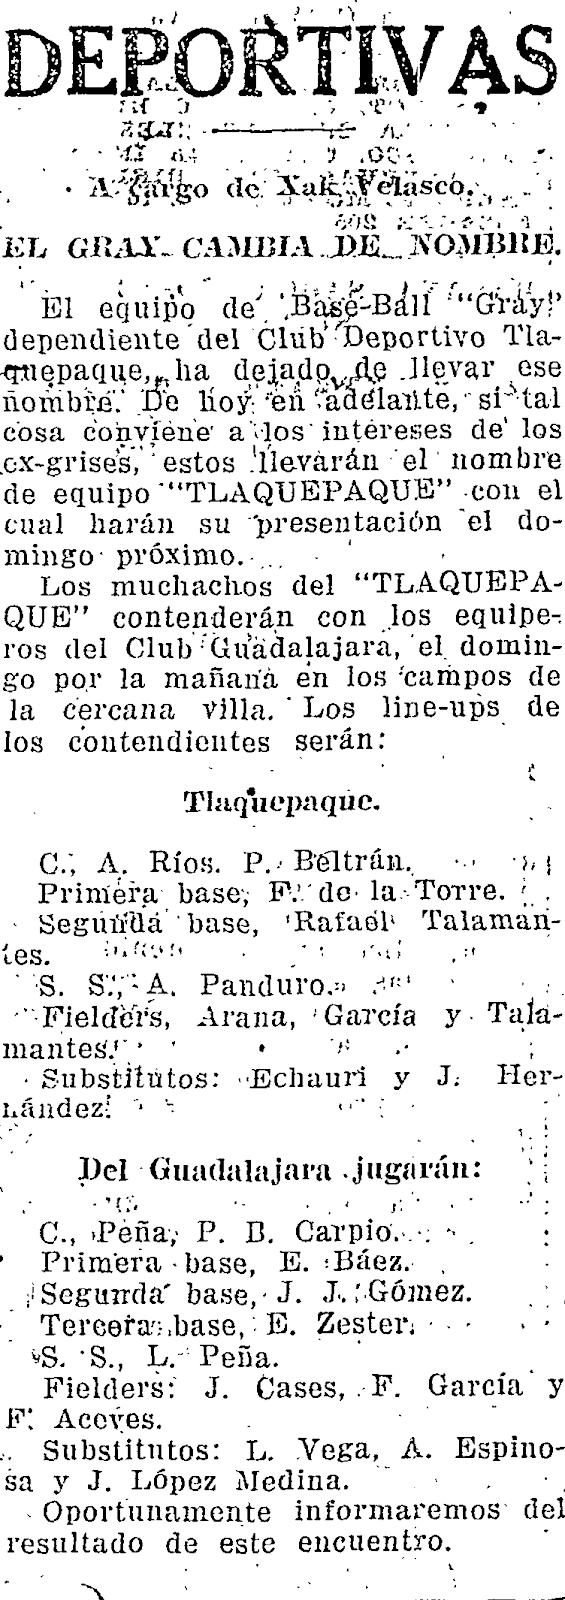 De Crónicas Pedro Pedro Tlaquepaque De San Tlaquepaque Crónicas De San Crónicas ChBotsdQrx